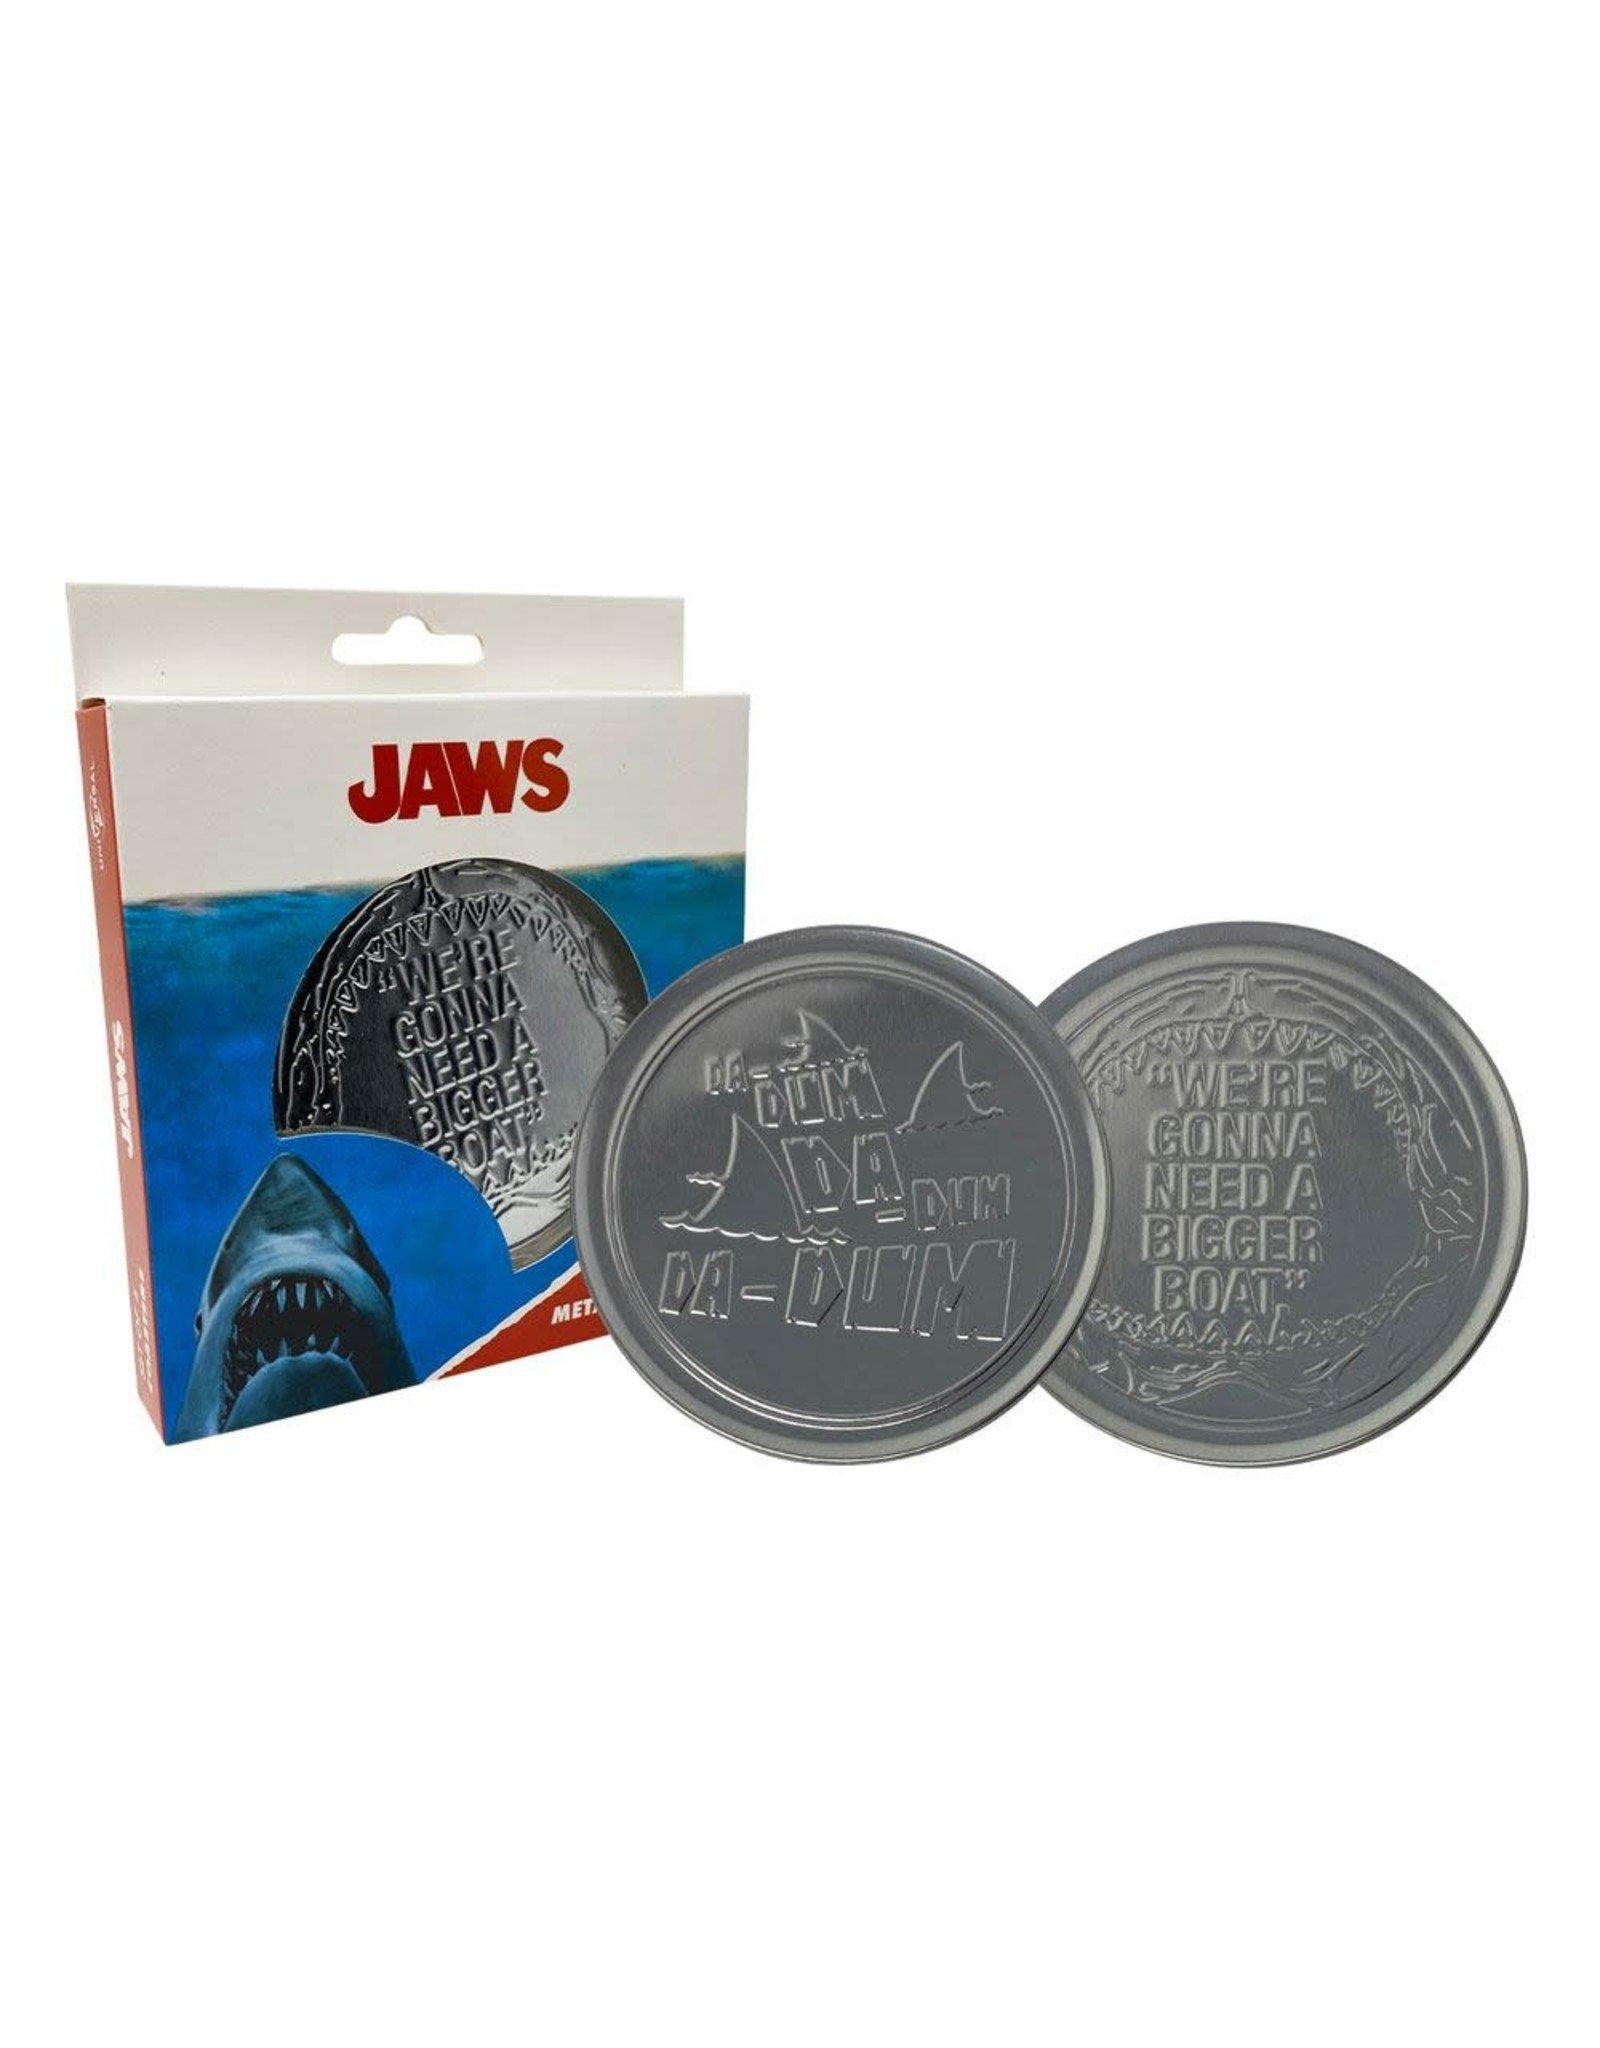 JAWS - Set of 4 Metal Coasters